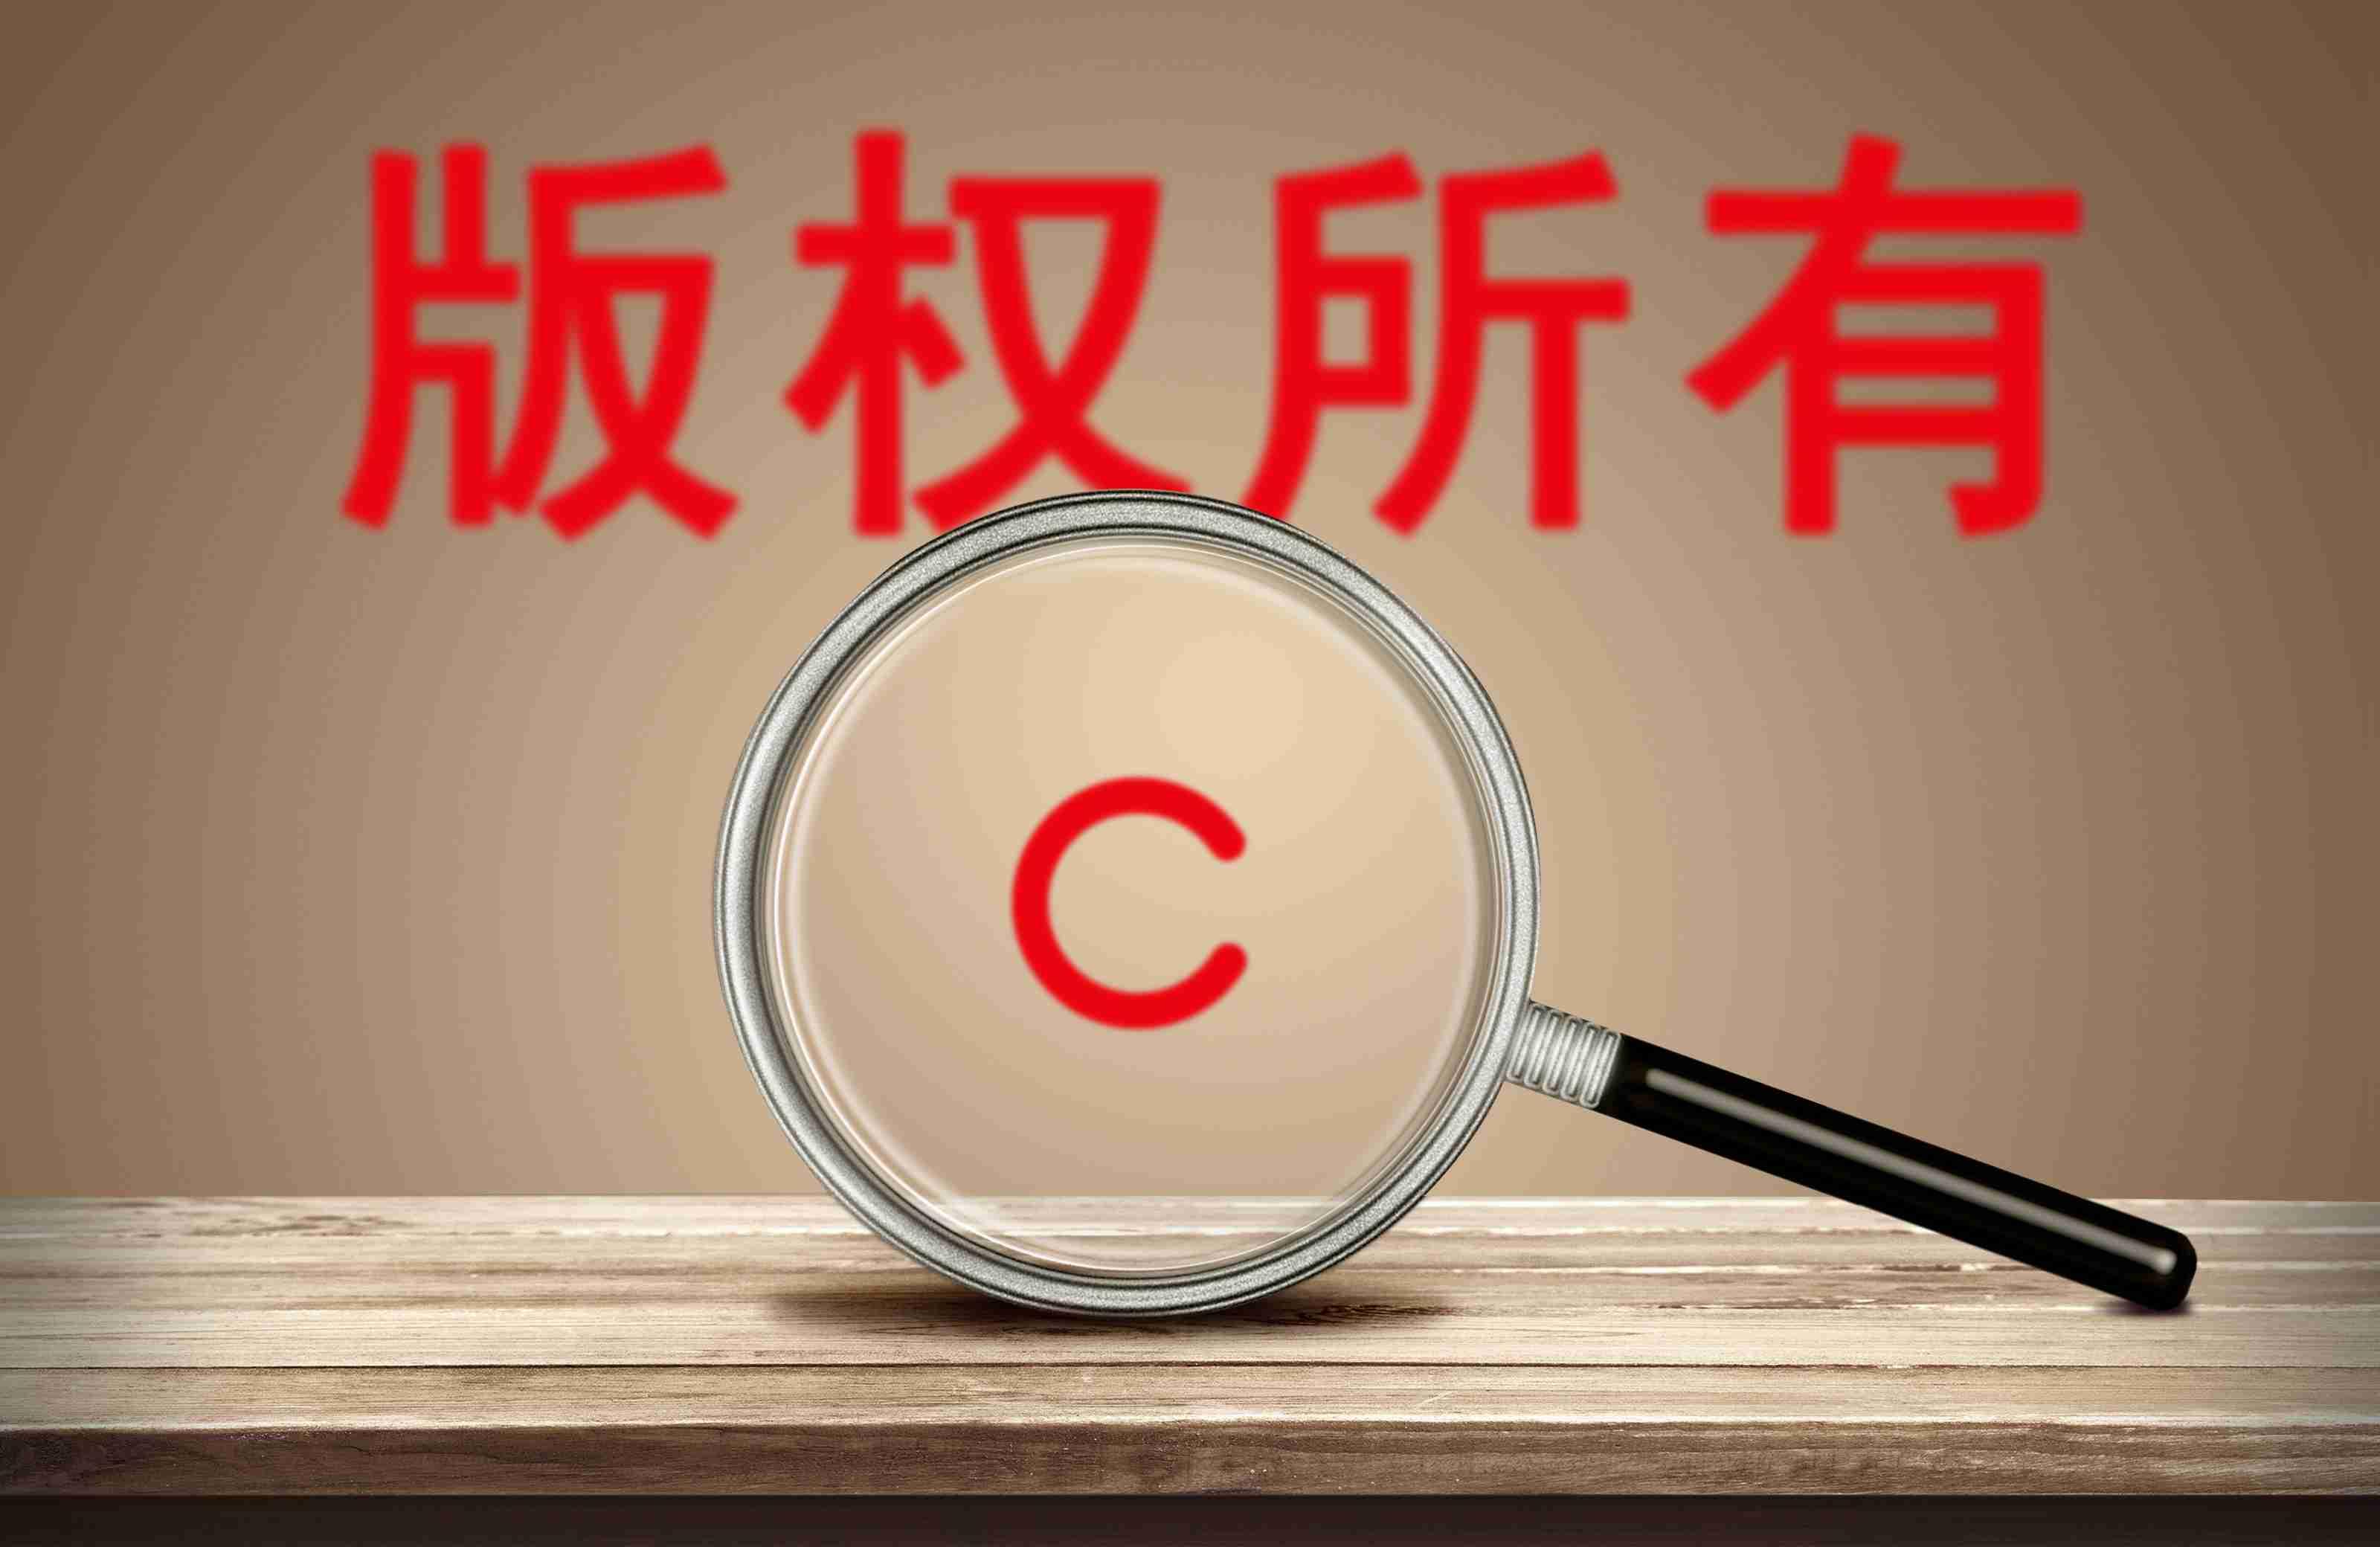 谭维维改编《康定情歌》歌词被告版权侵权